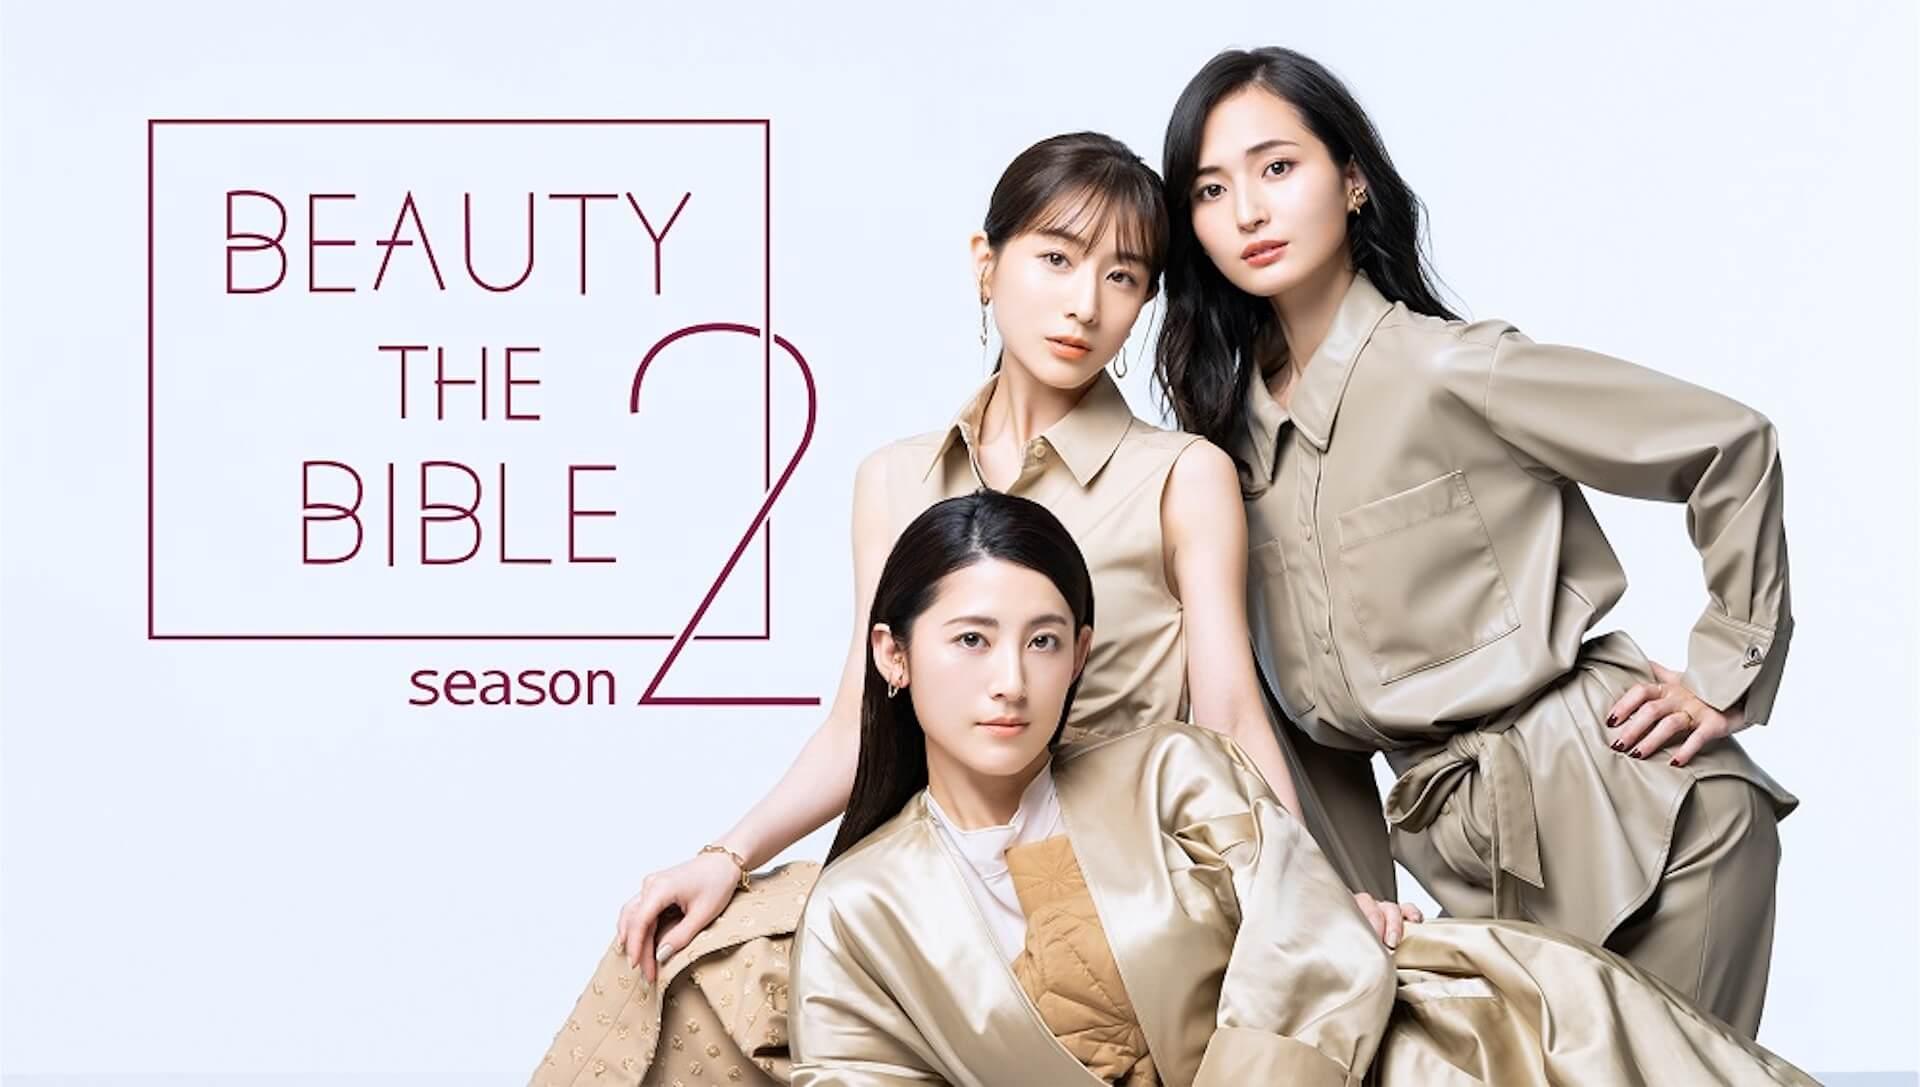 Amazon Prime Videoで田中みな実ら出演『BEAUTY THE BIBLE』シーズン2が独占配信決定!山賀琴子がMCに新加入 art201119_btb_2